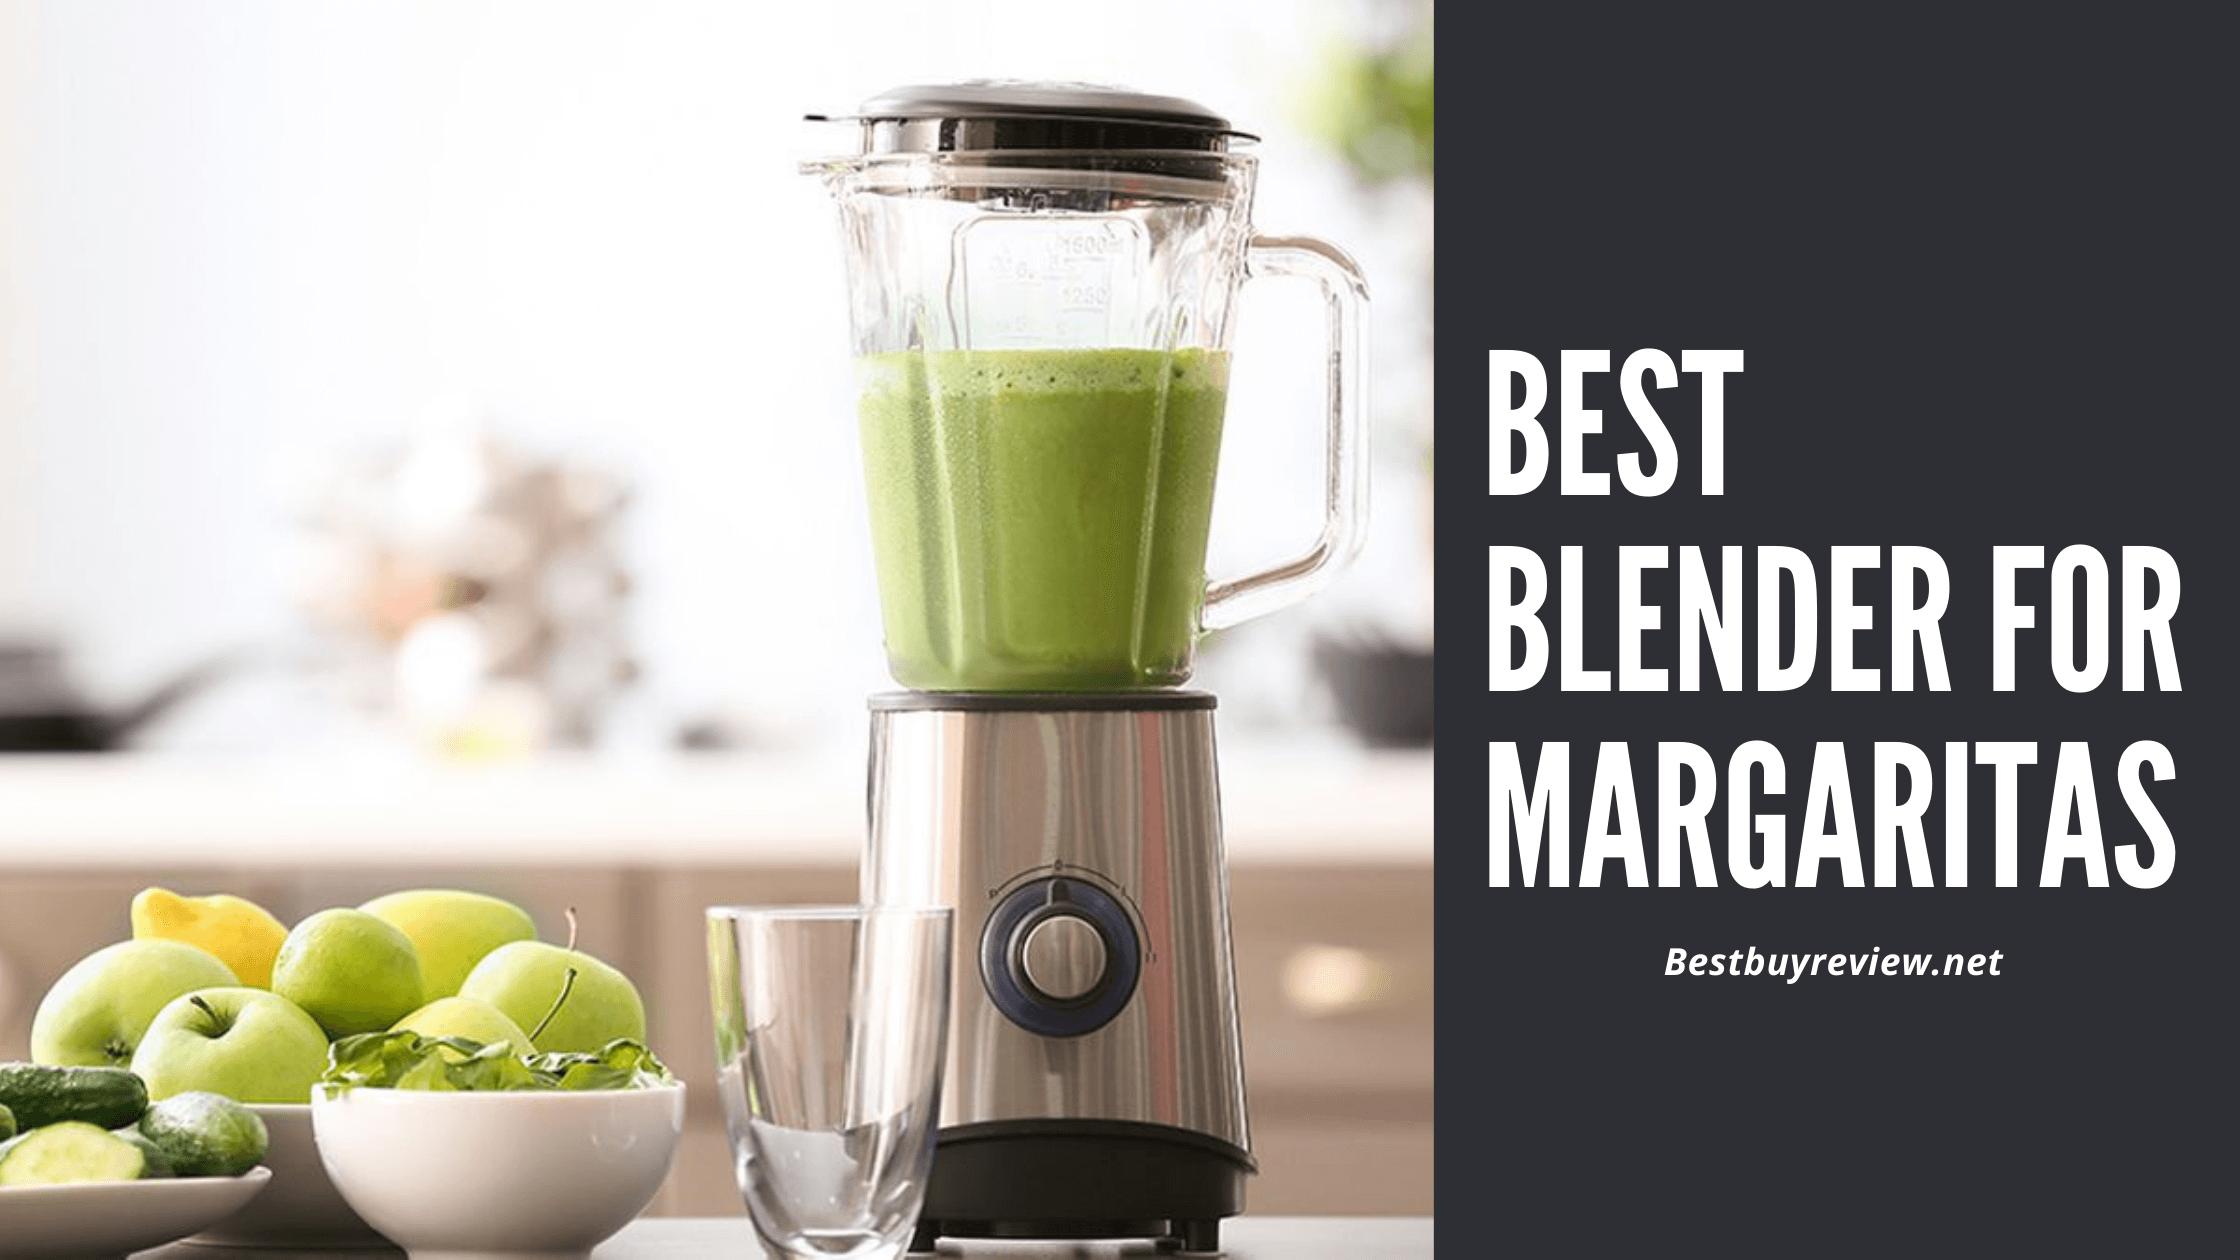 Best Blender for Margaritas